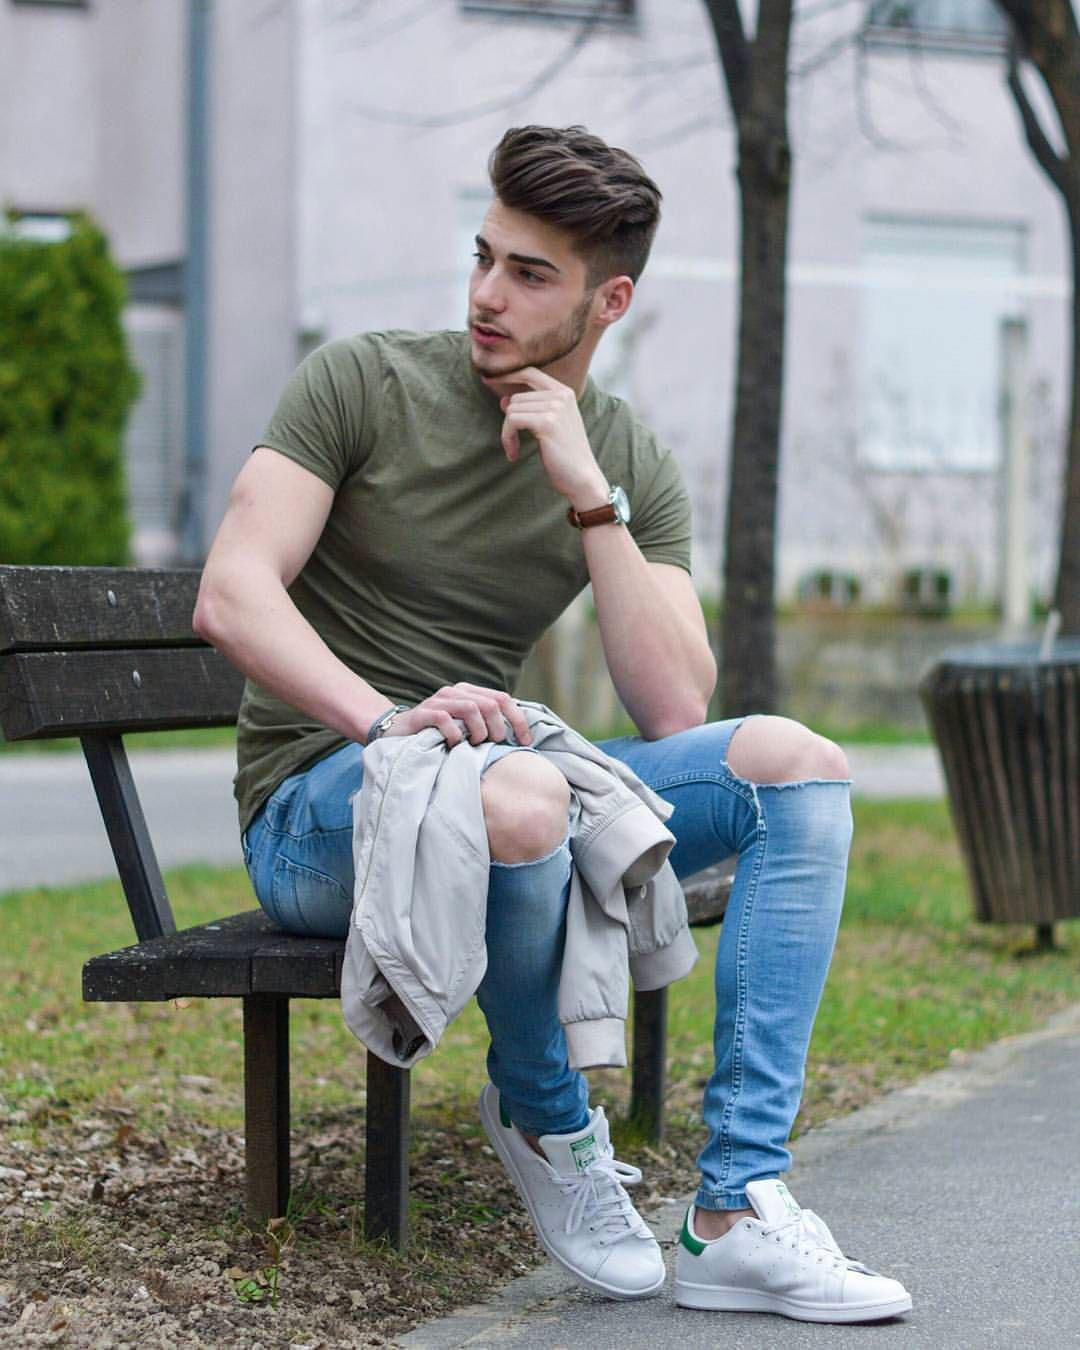 2021 Smart Stylish Boy Images free hd